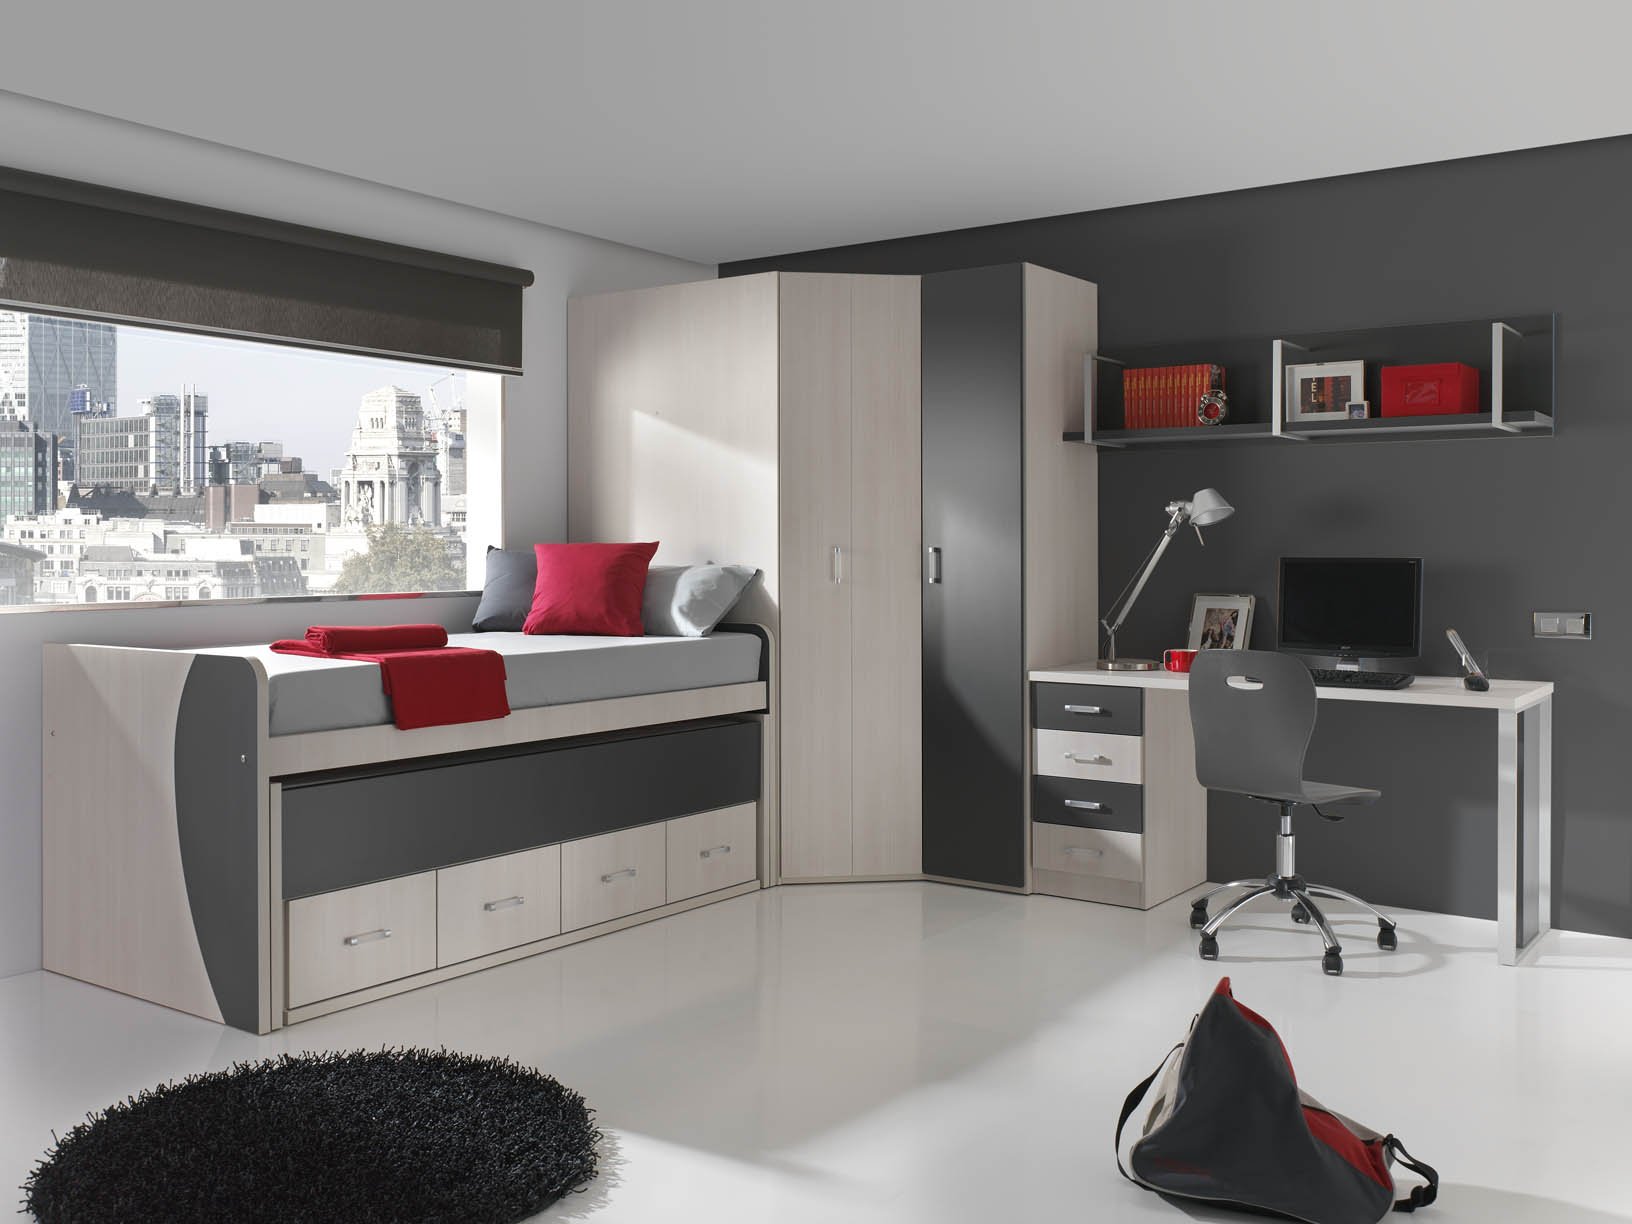 Muebles orts noticias for Mobiliario dormitorio juvenil